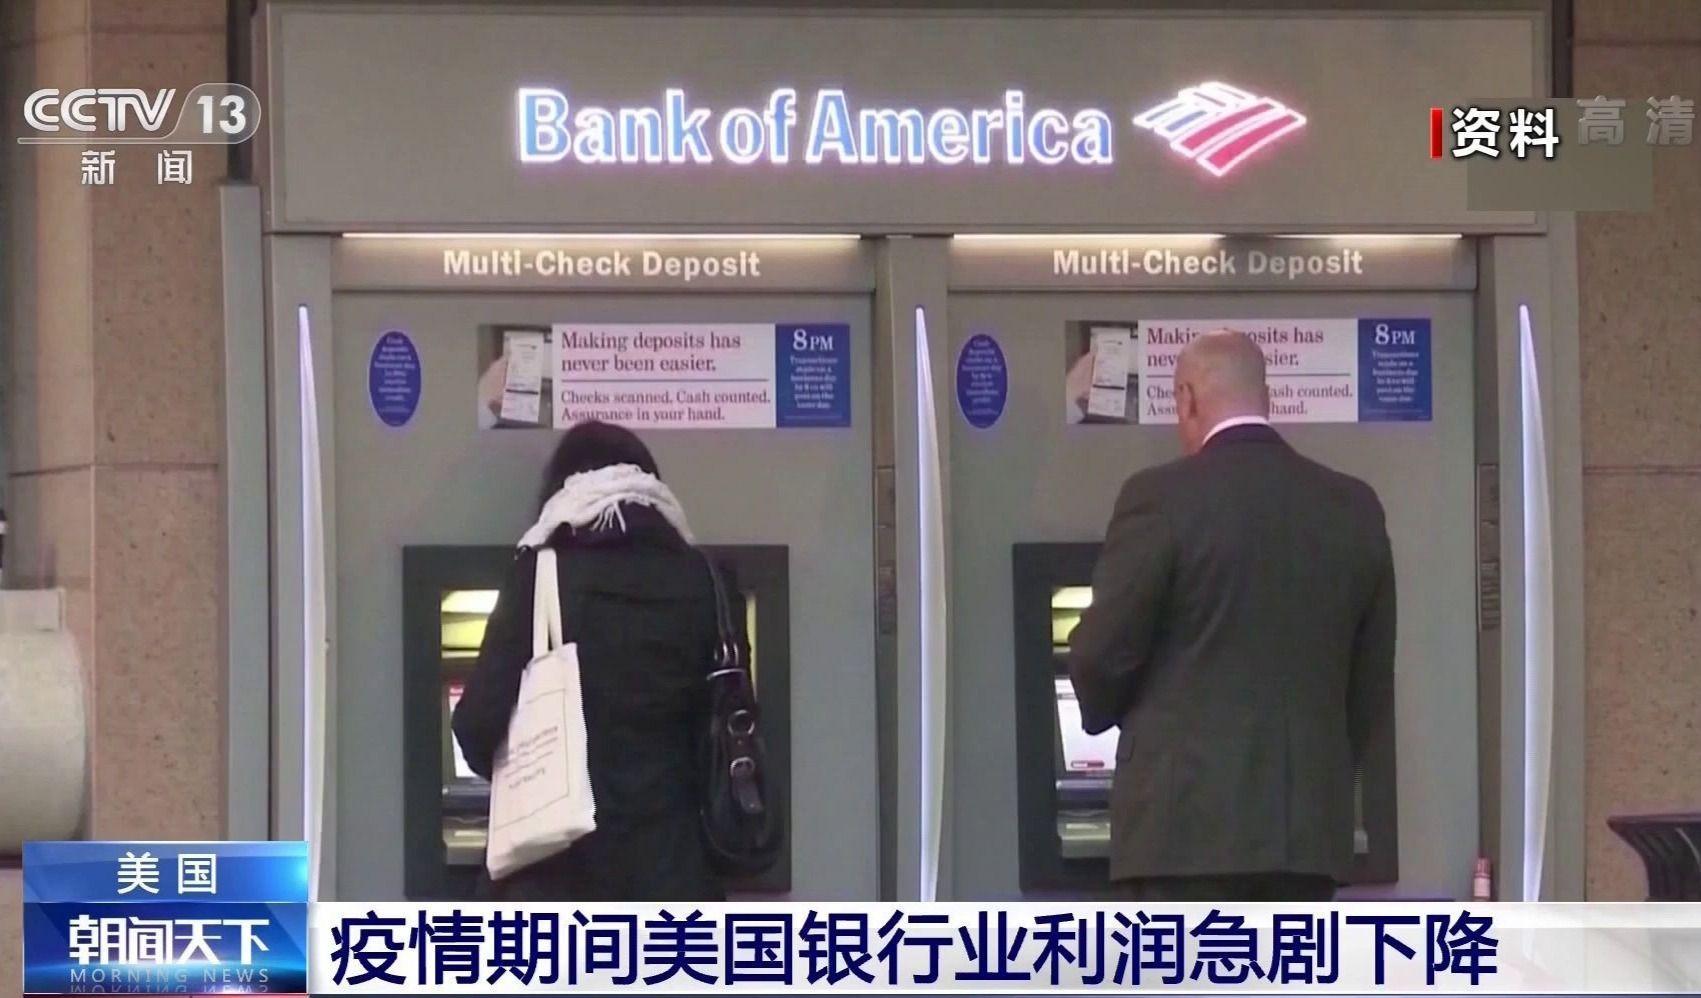 疫情期间美国银行业利润急剧下降